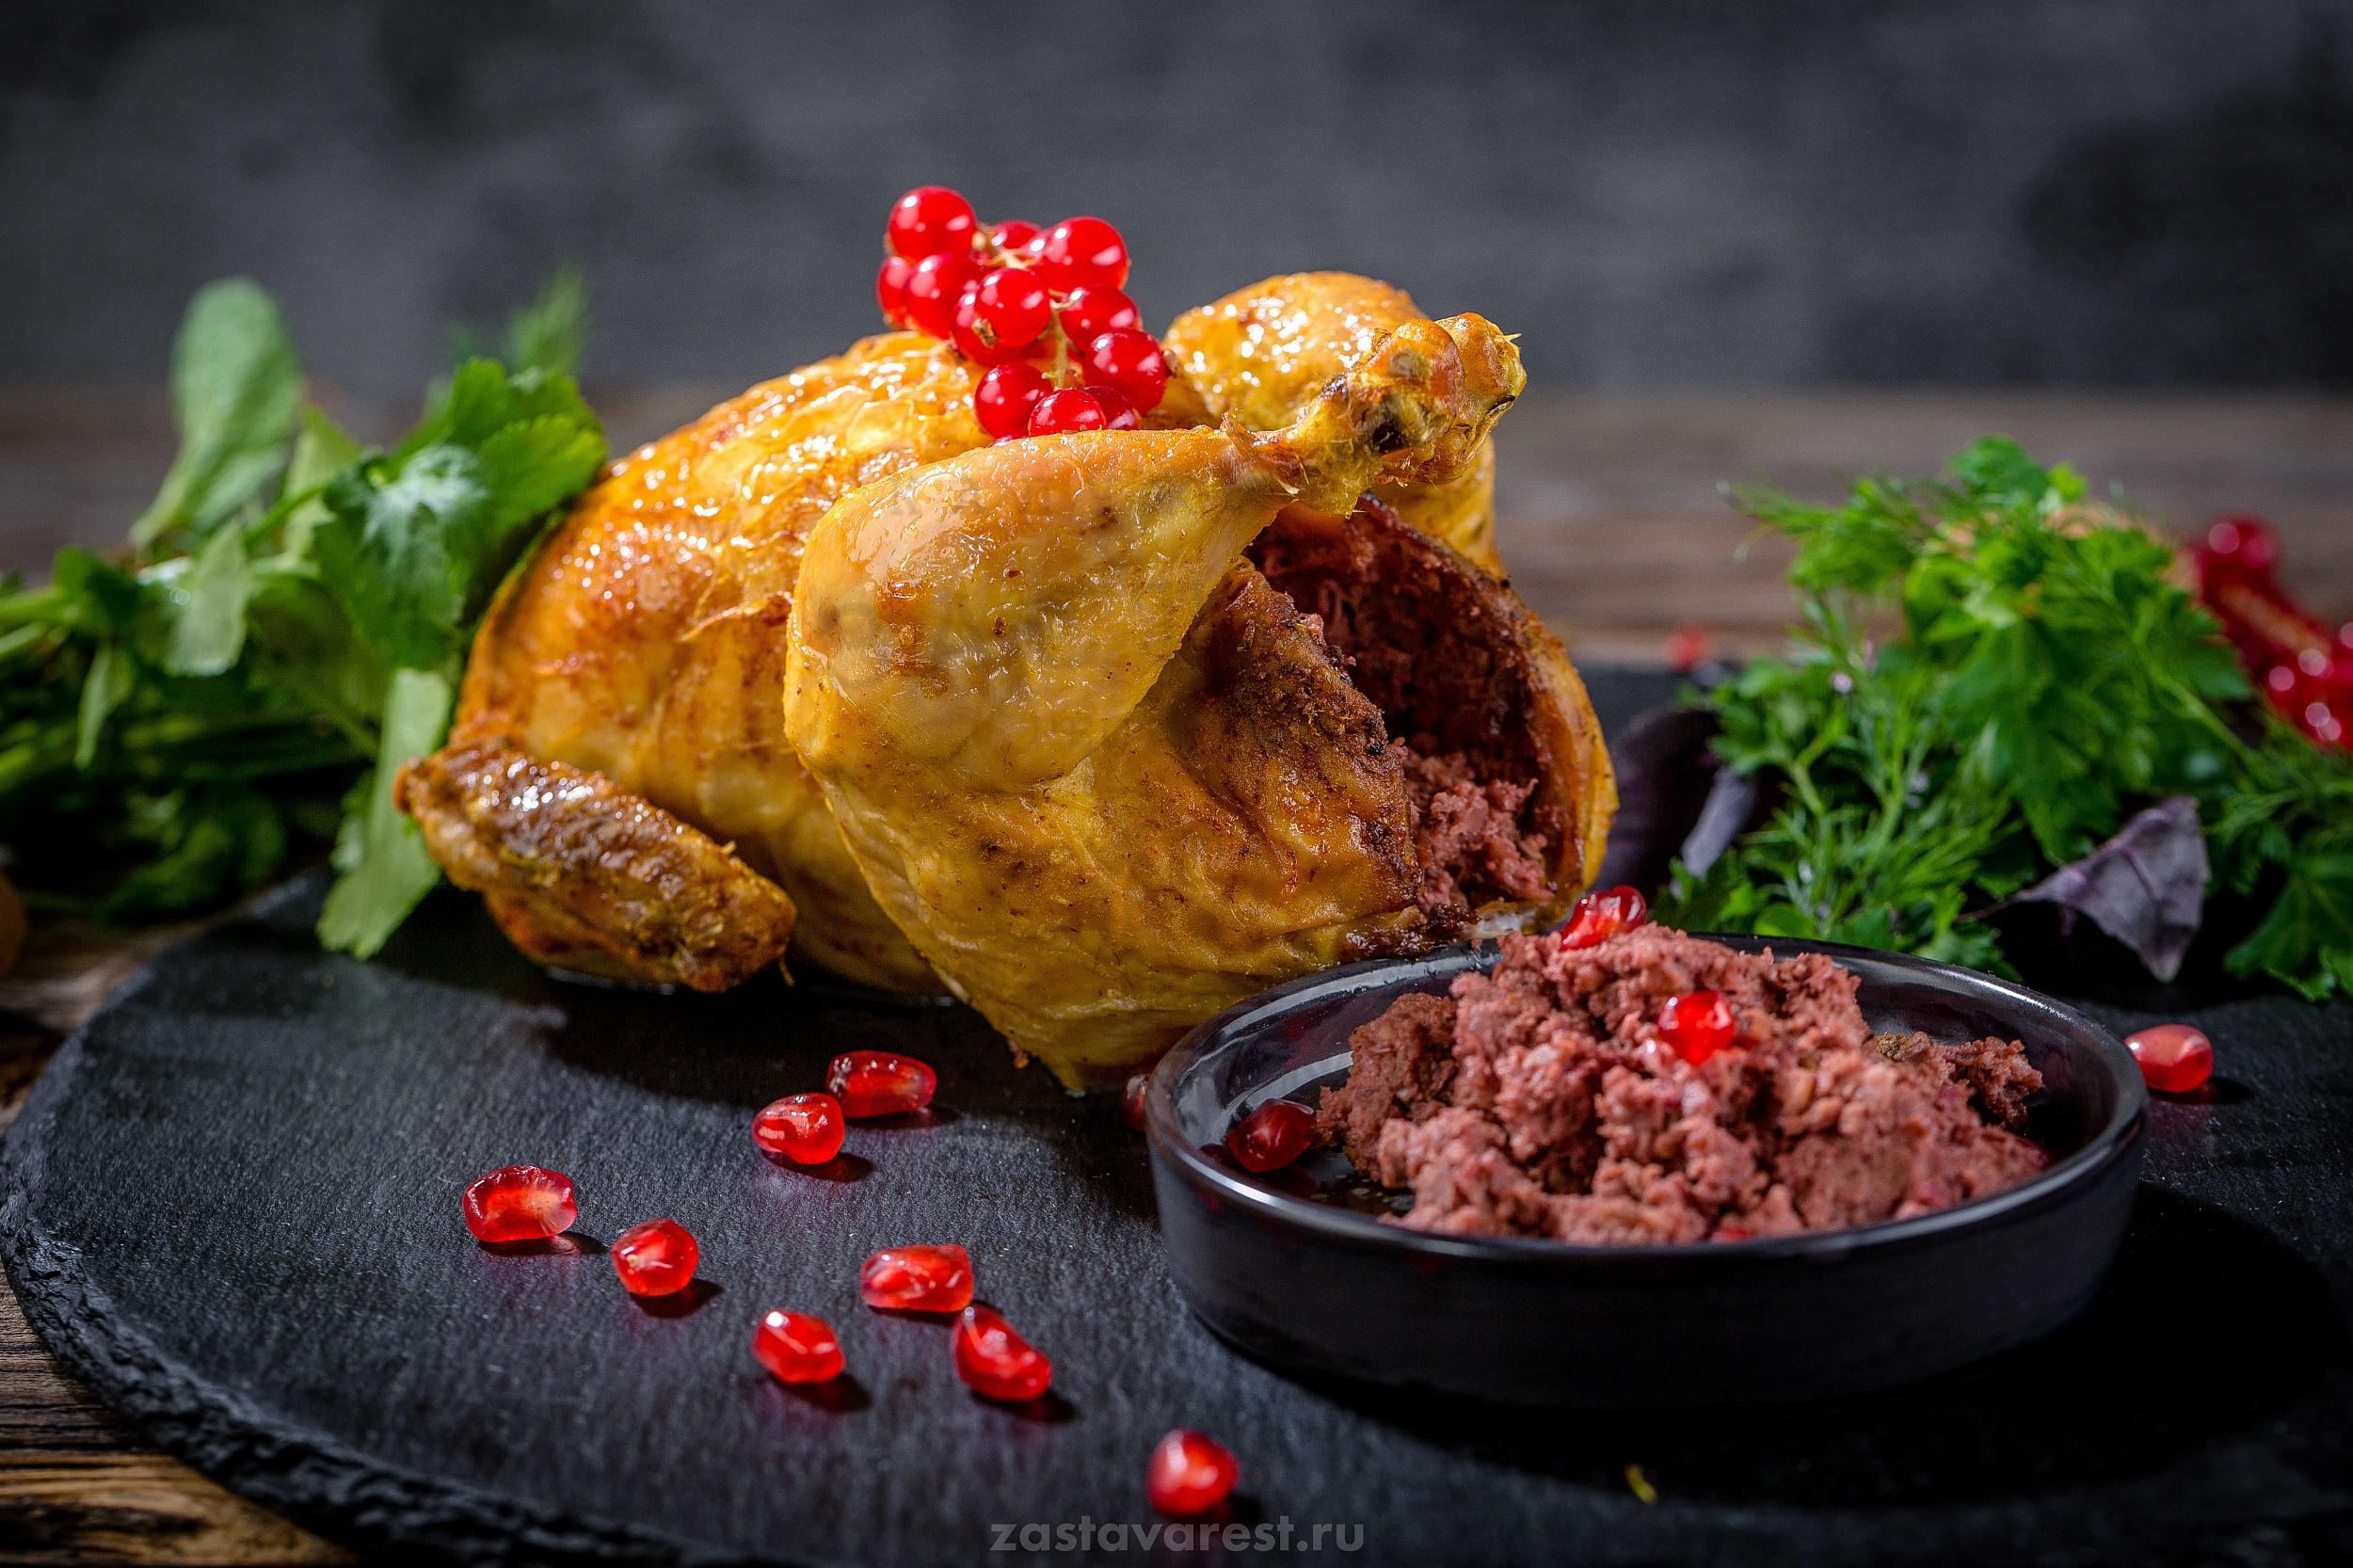 Кадакнат - декоративная порода кур. Описание, характеристика, содержание, кормление и отзывы